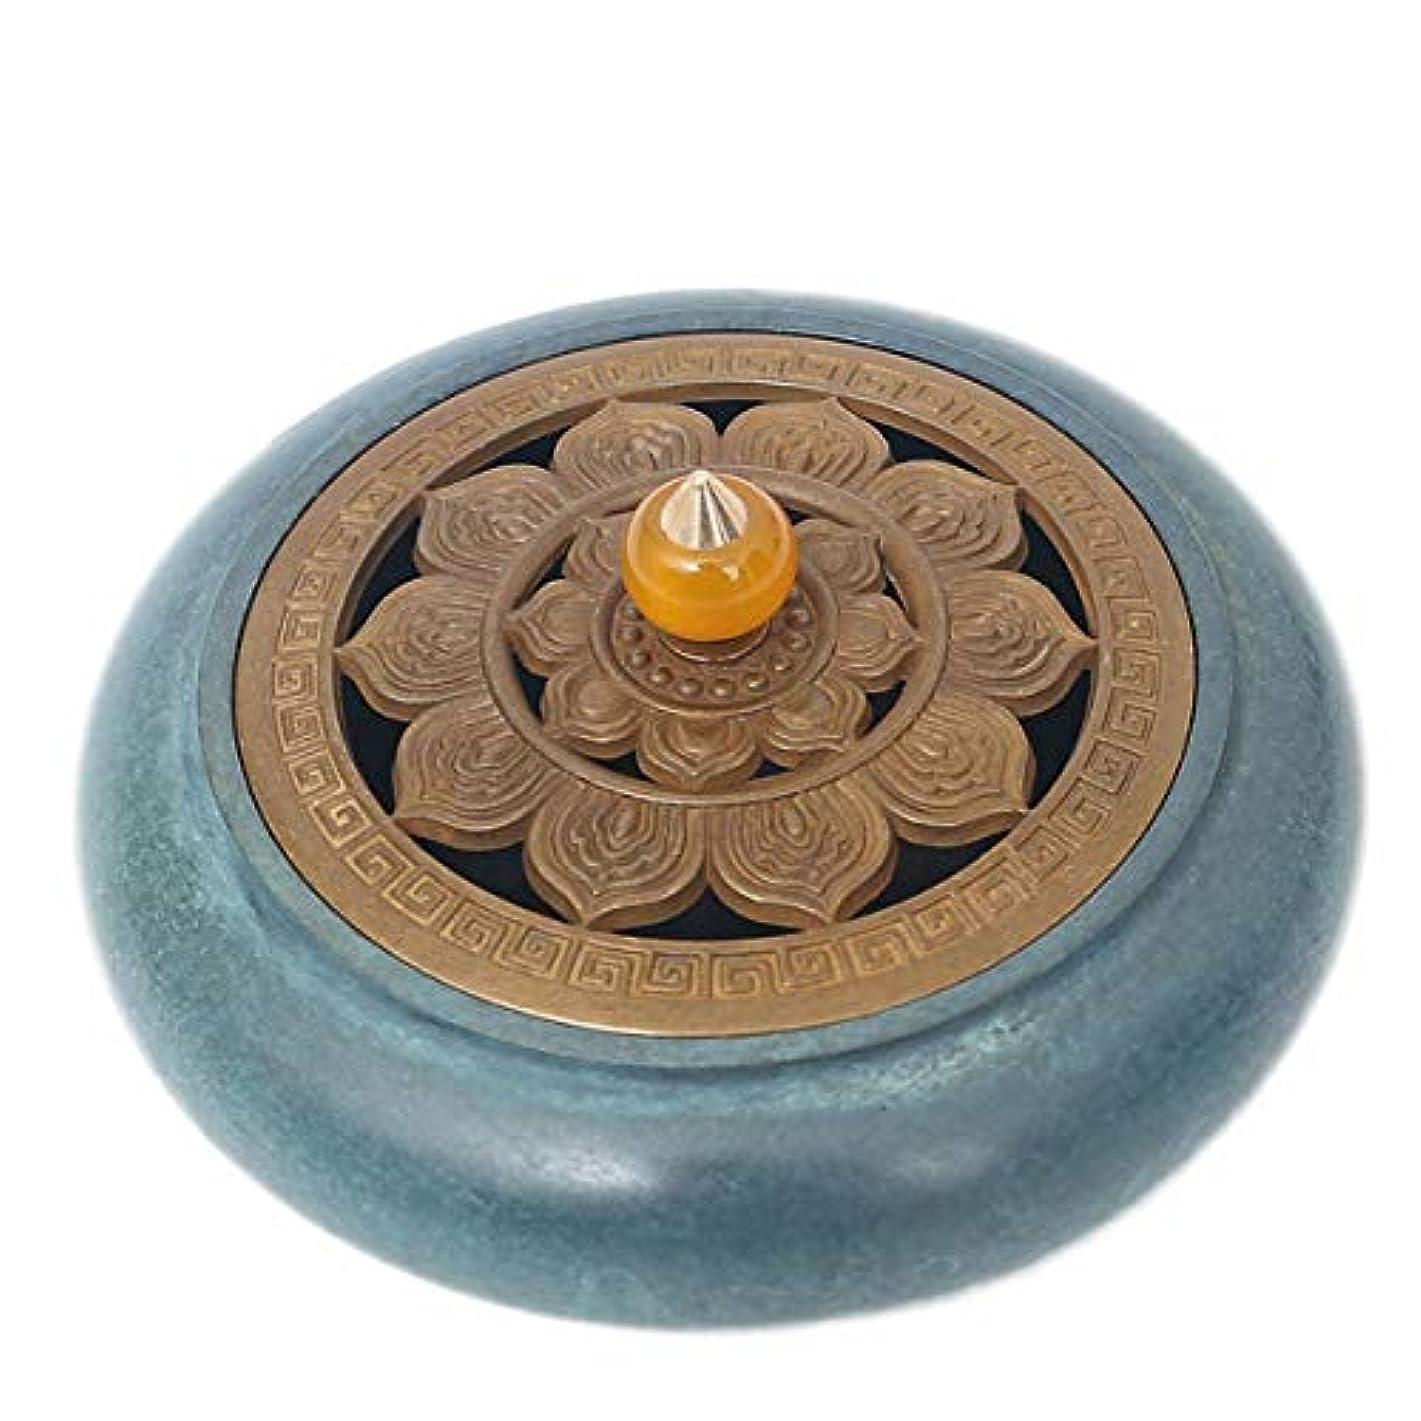 対ノーブル革新コーン香バーナーと真鍮香スティックホルダー-中国銅装飾炭香炉-銅香灰キャッチャートレイボウル